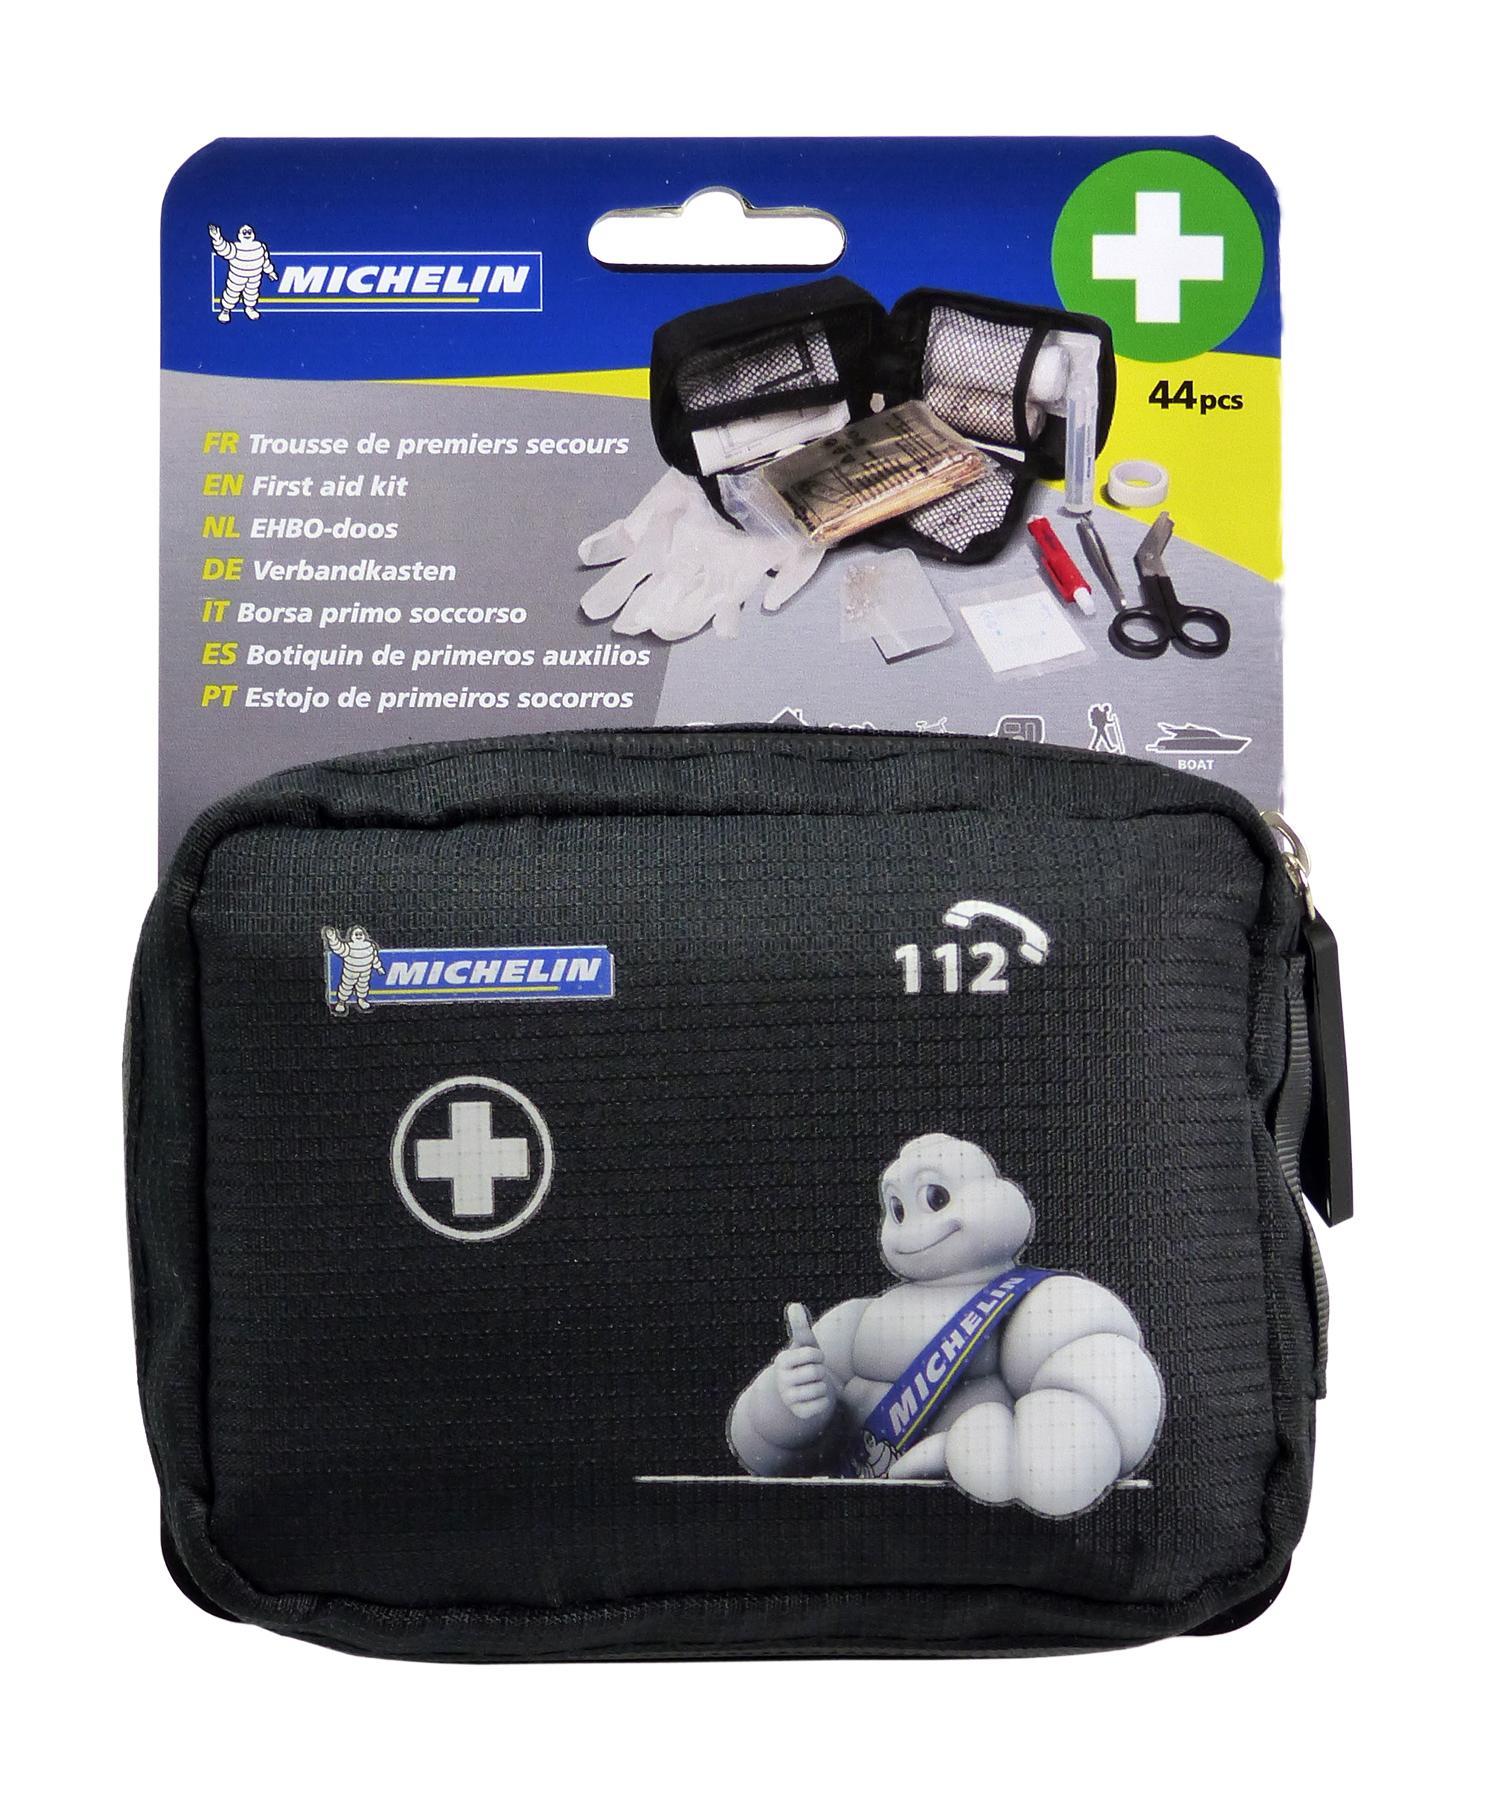 009531 Kit di pronto soccorso per auto Michelin prodotti di marca a buon mercato